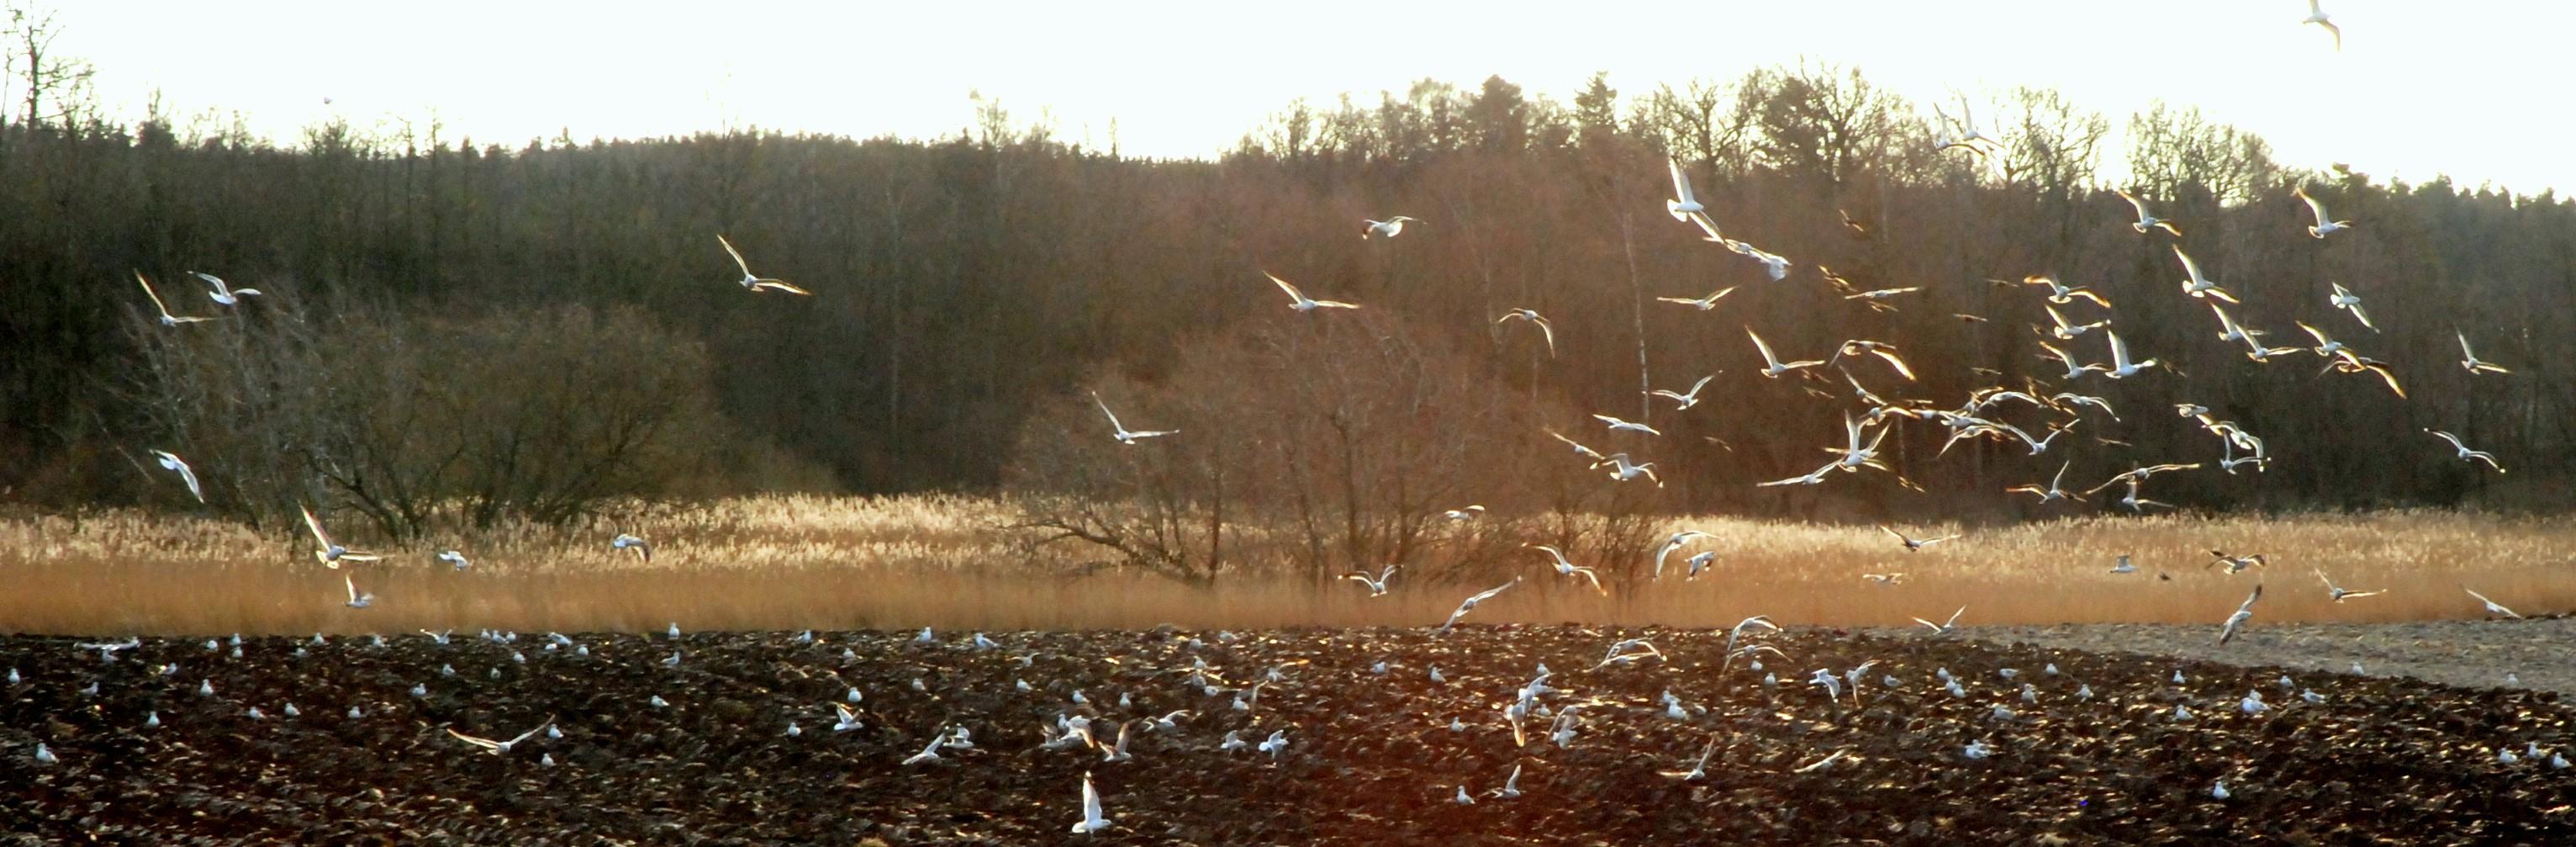 Illustrasjonsbilde av fugler som flyr opp fra jorde